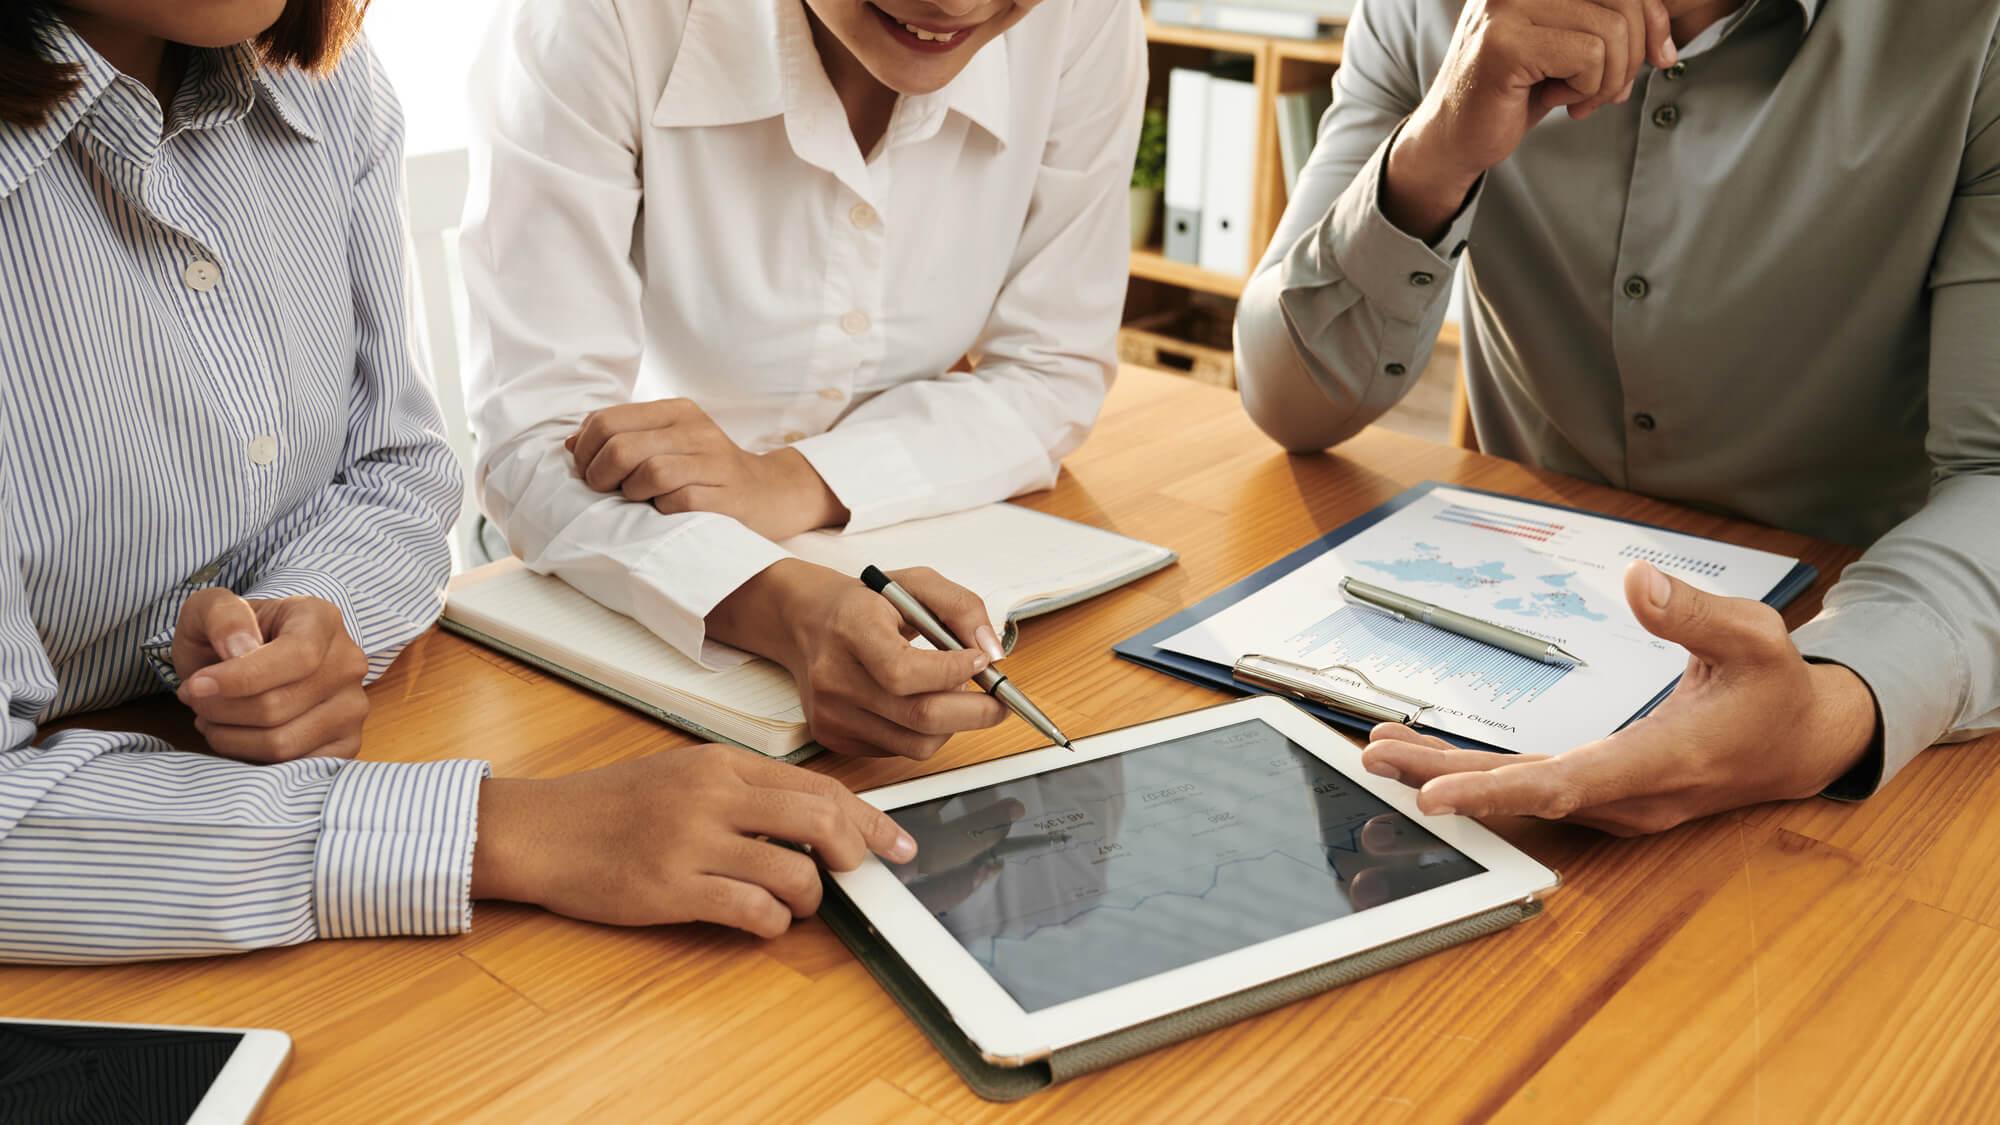 7 principais tendências de gestão de projetos que não podem ser ignoradas